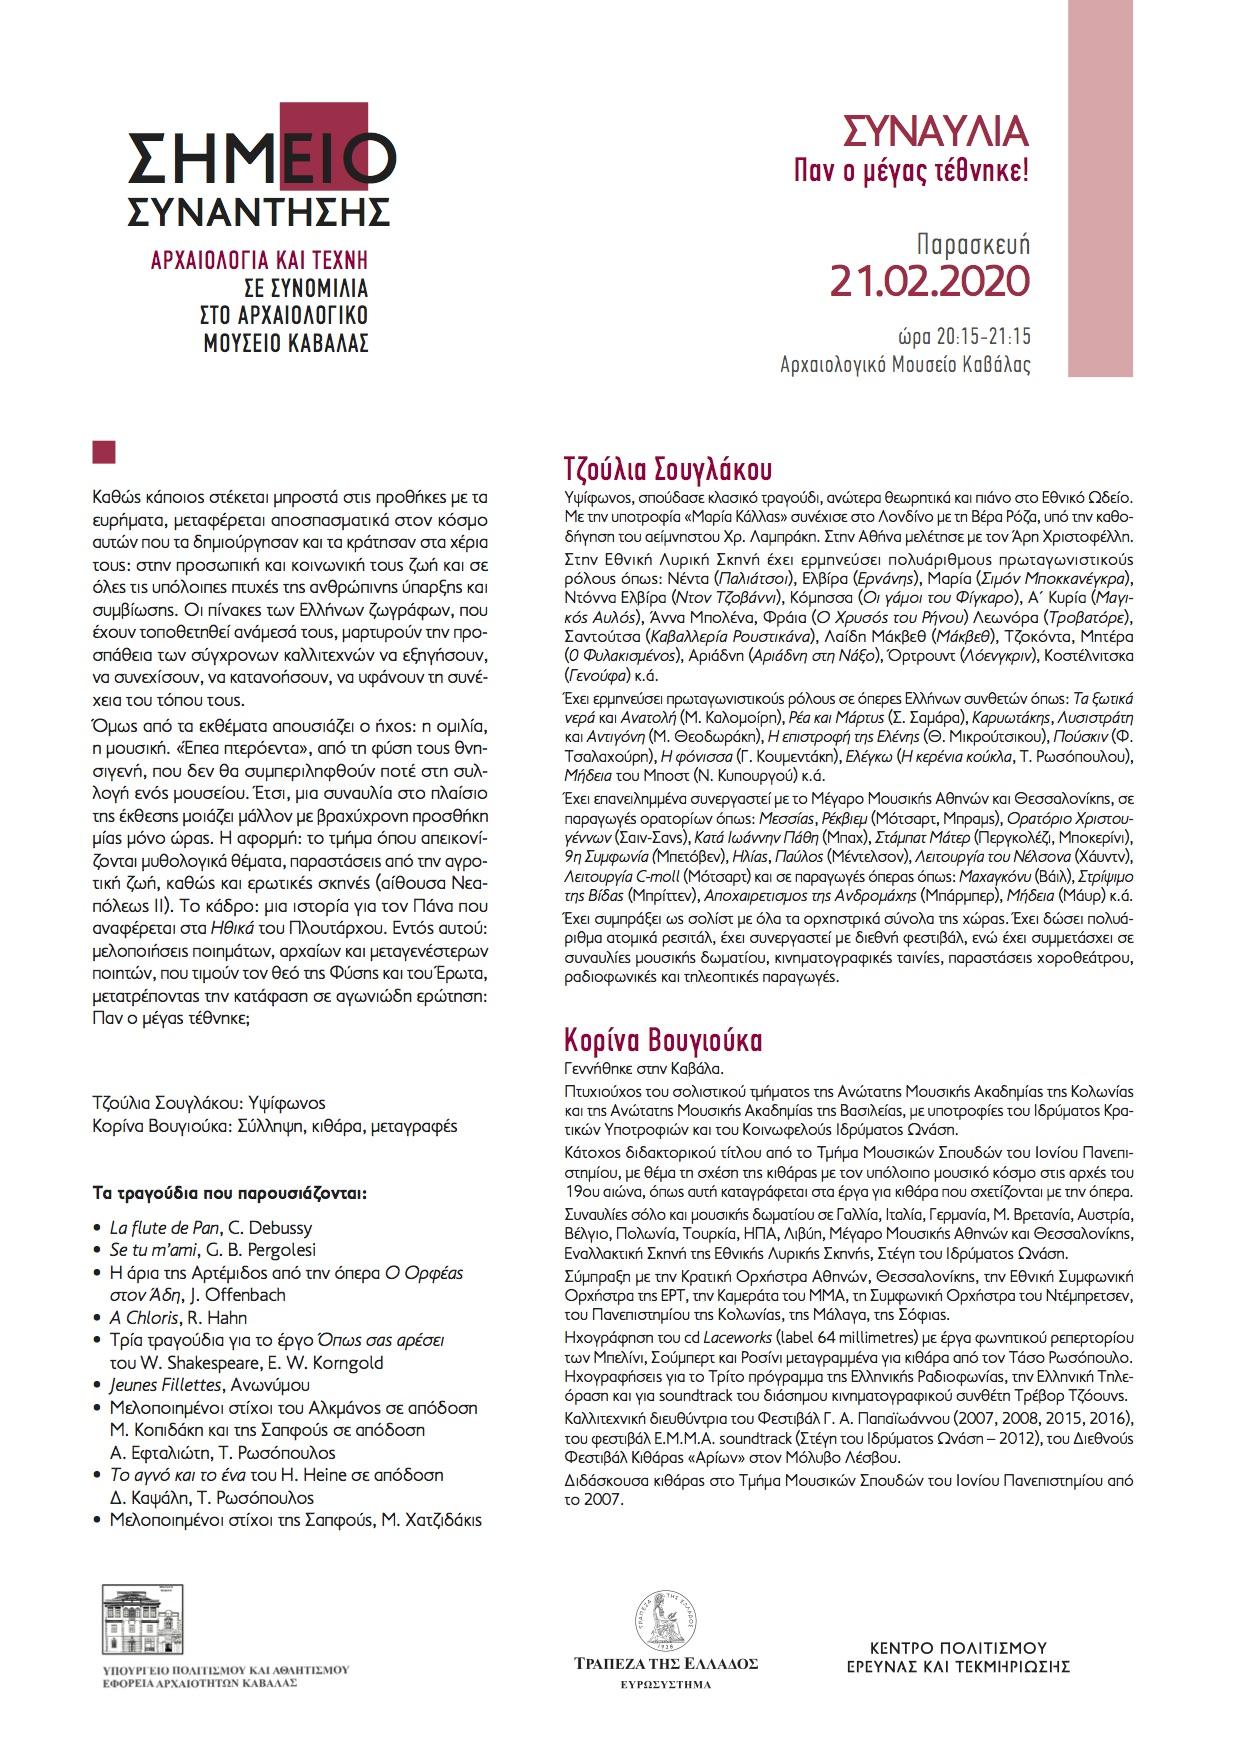 PROGRAMMA SYNAVLIAS 210220